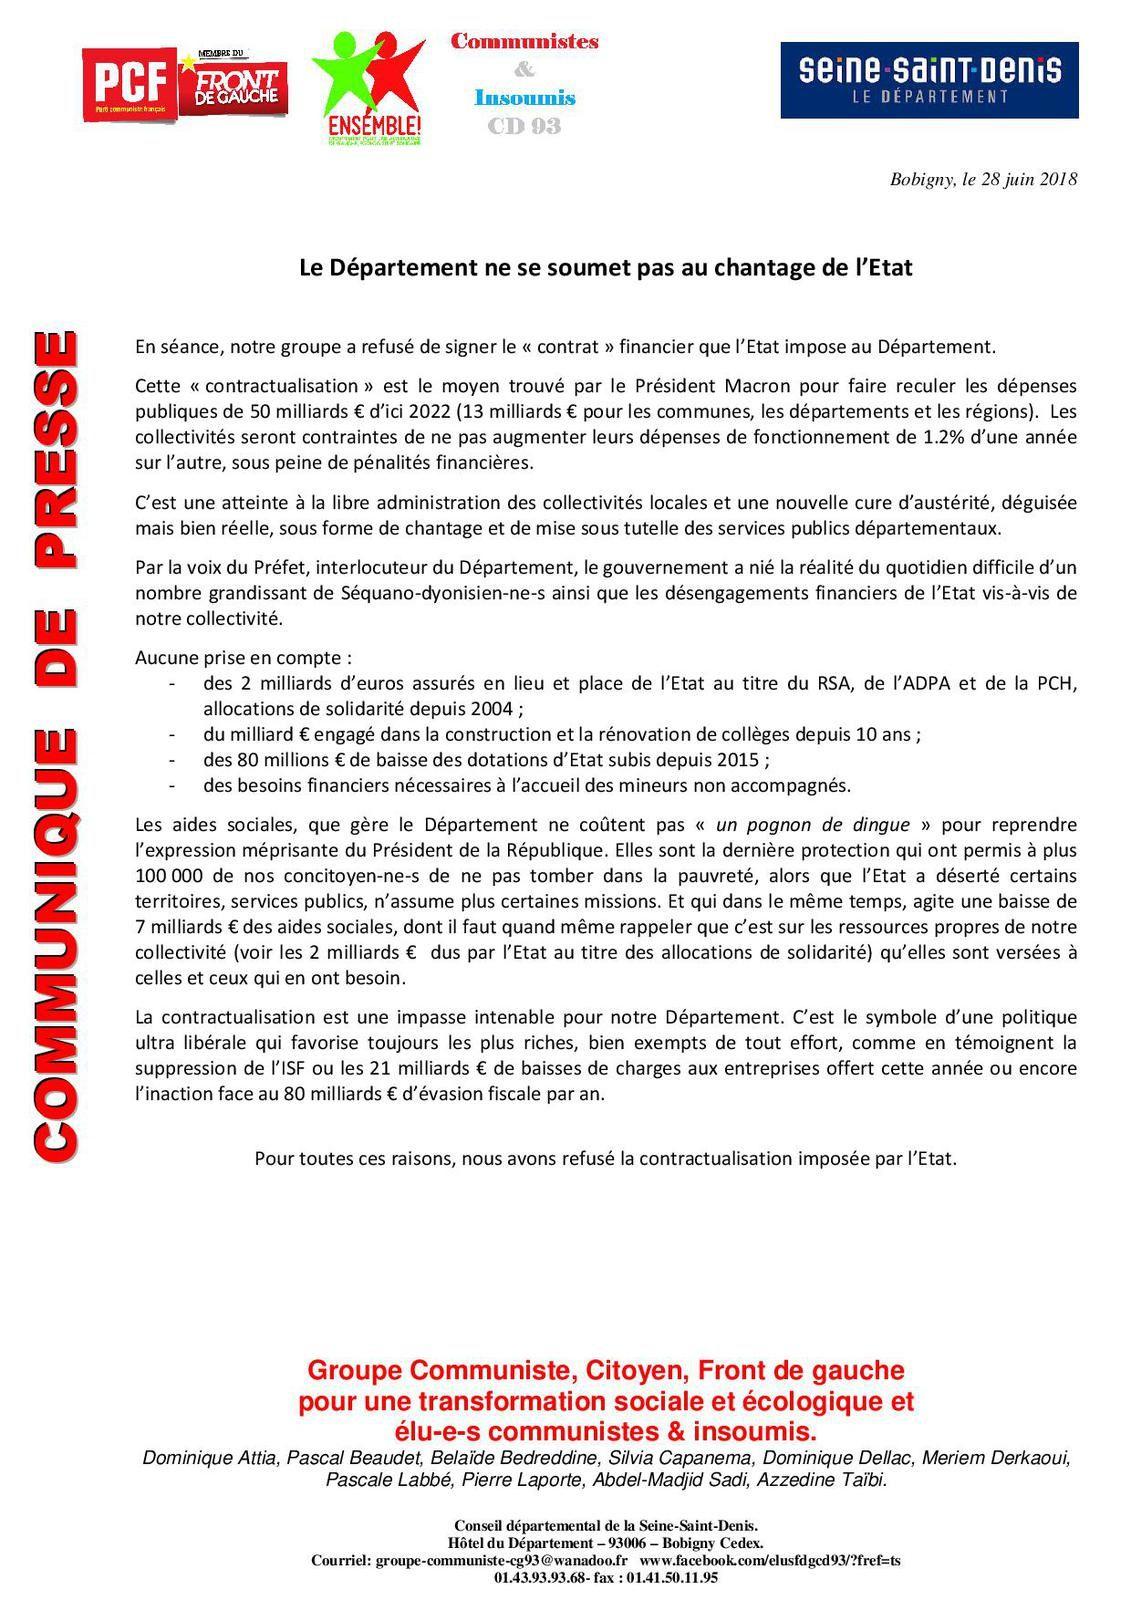 Le Département refuse la contractualisation.